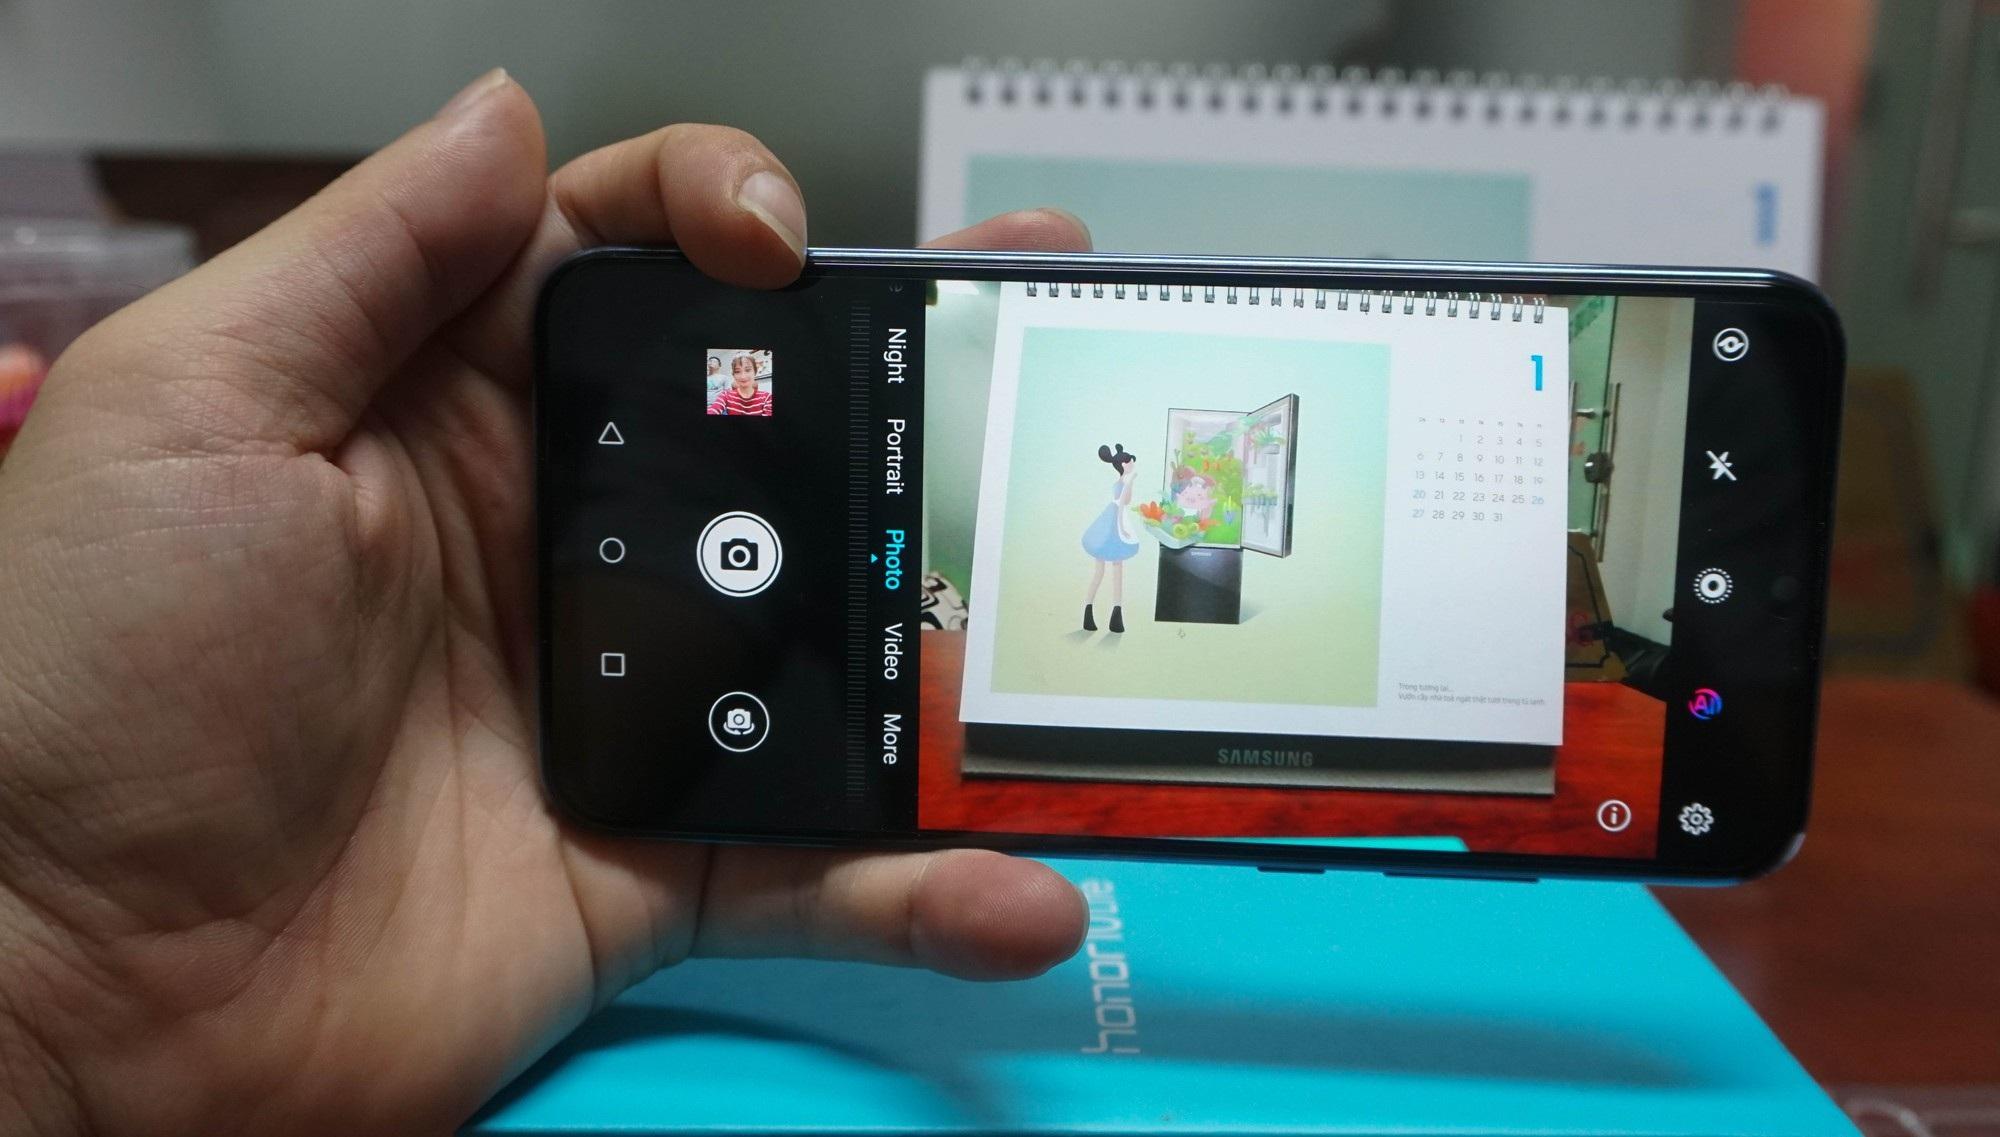 Đập hộp Honor 10 Lite - smartphone tầm trung sắp bán ở Việt Nam với giá khoảng 5 triệu đồng - Ảnh 9.